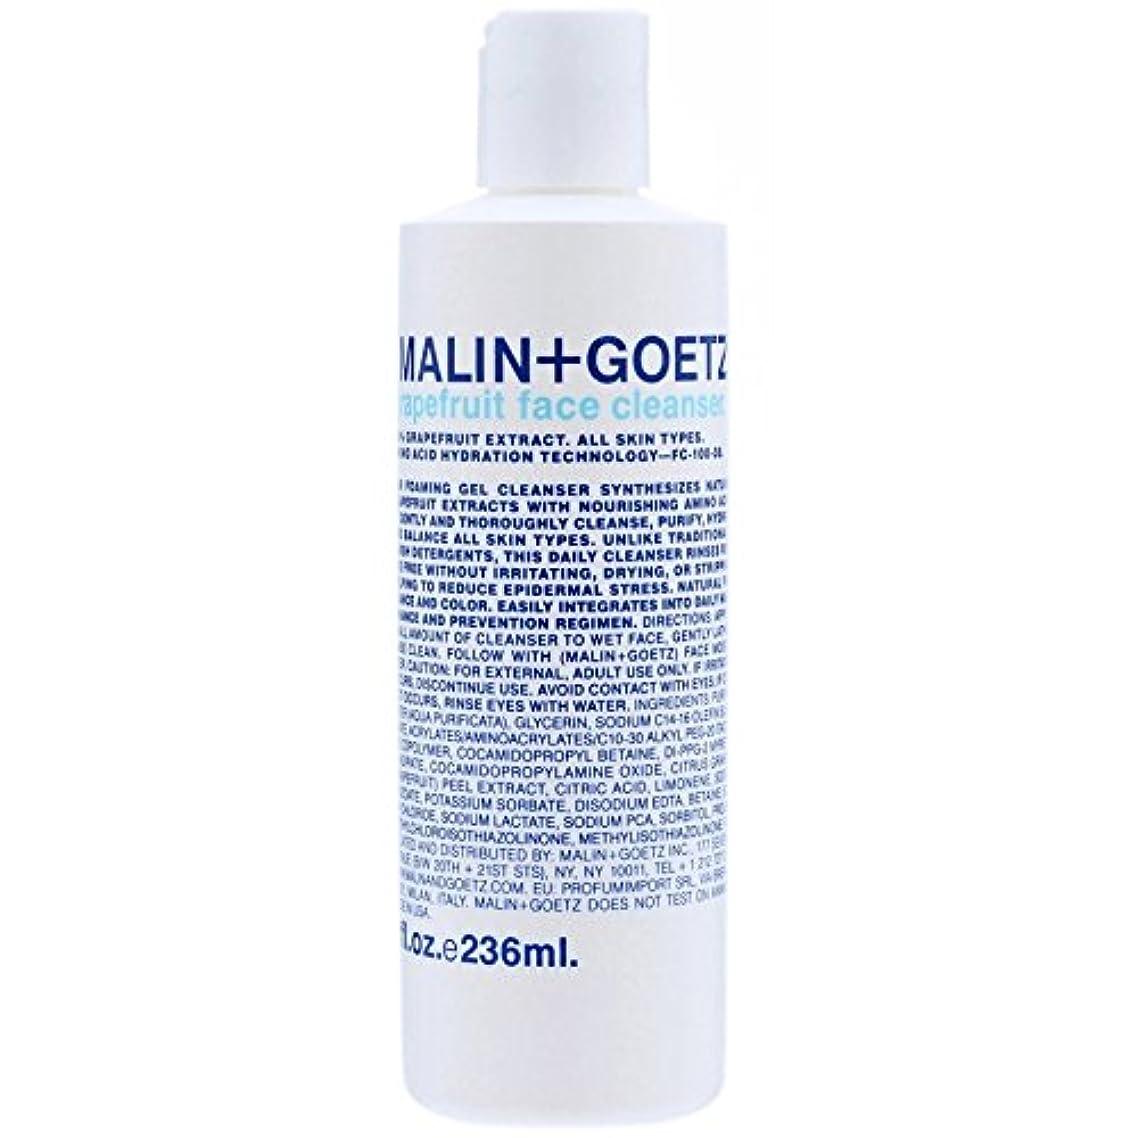 面倒ワイン断片マリン+ゲッツグレープフルーツフェイスクレンザー x4 - MALIN+GOETZ Grapefruit Face Cleanser (Pack of 4) [並行輸入品]